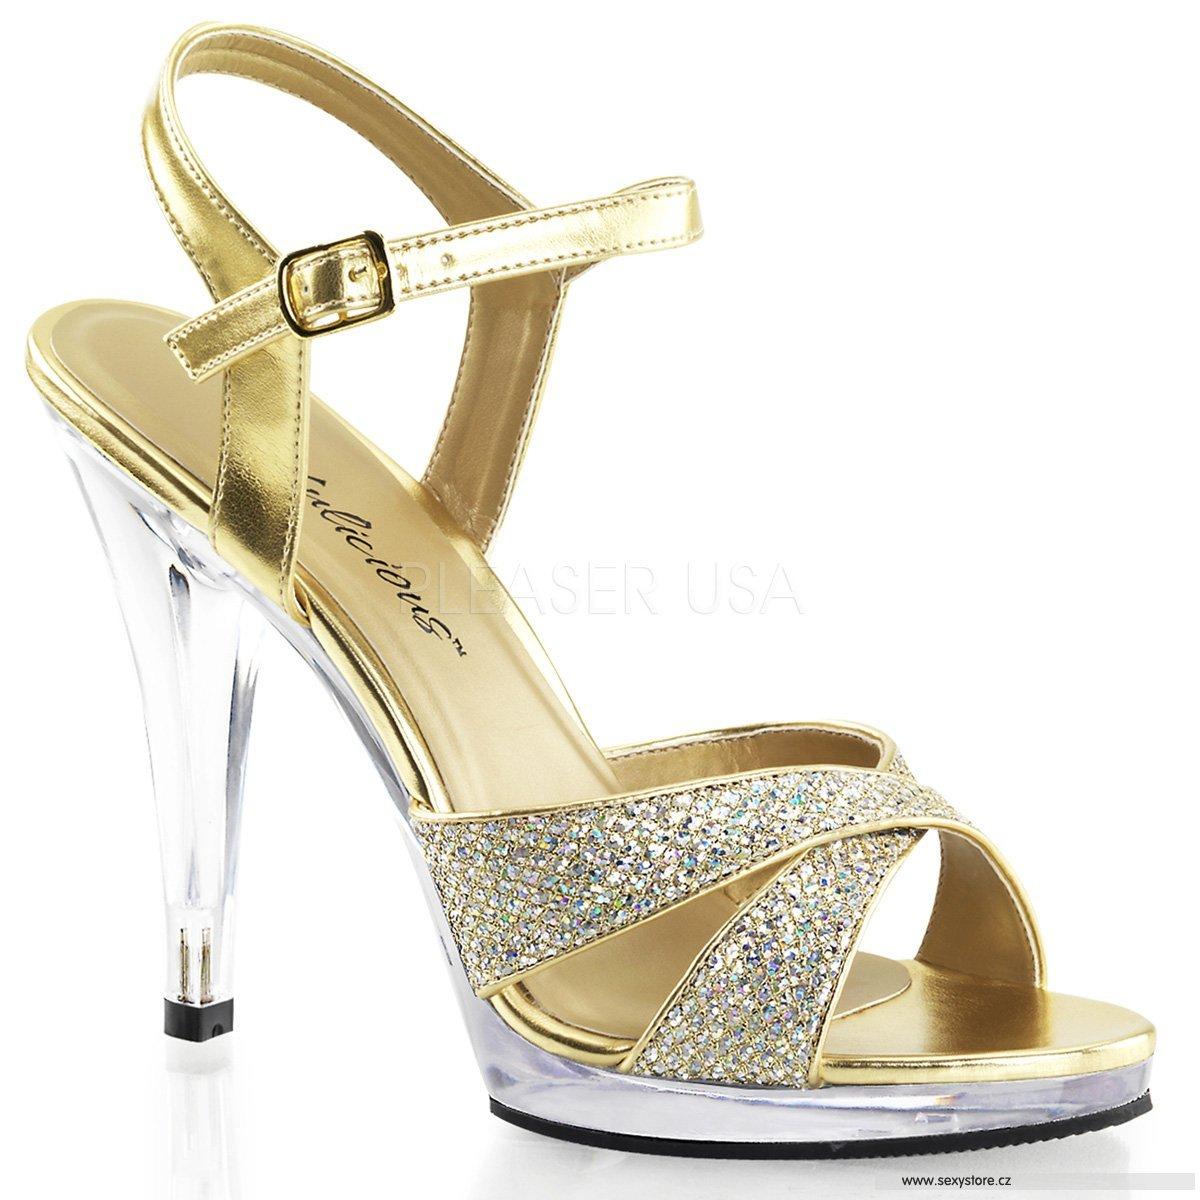 2218fba463d Zlaté sandálky na podpatku FLAIR-419G G C